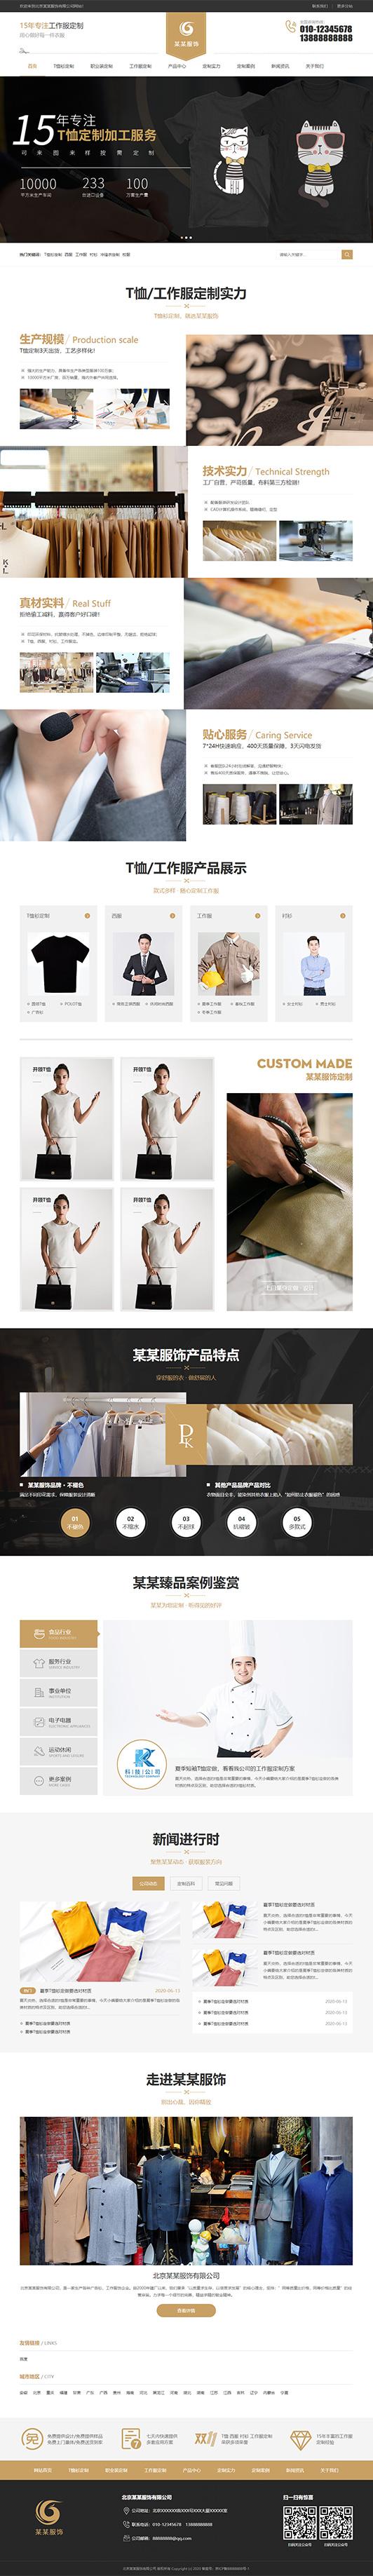 服饰定制公司网站通用营销型模板